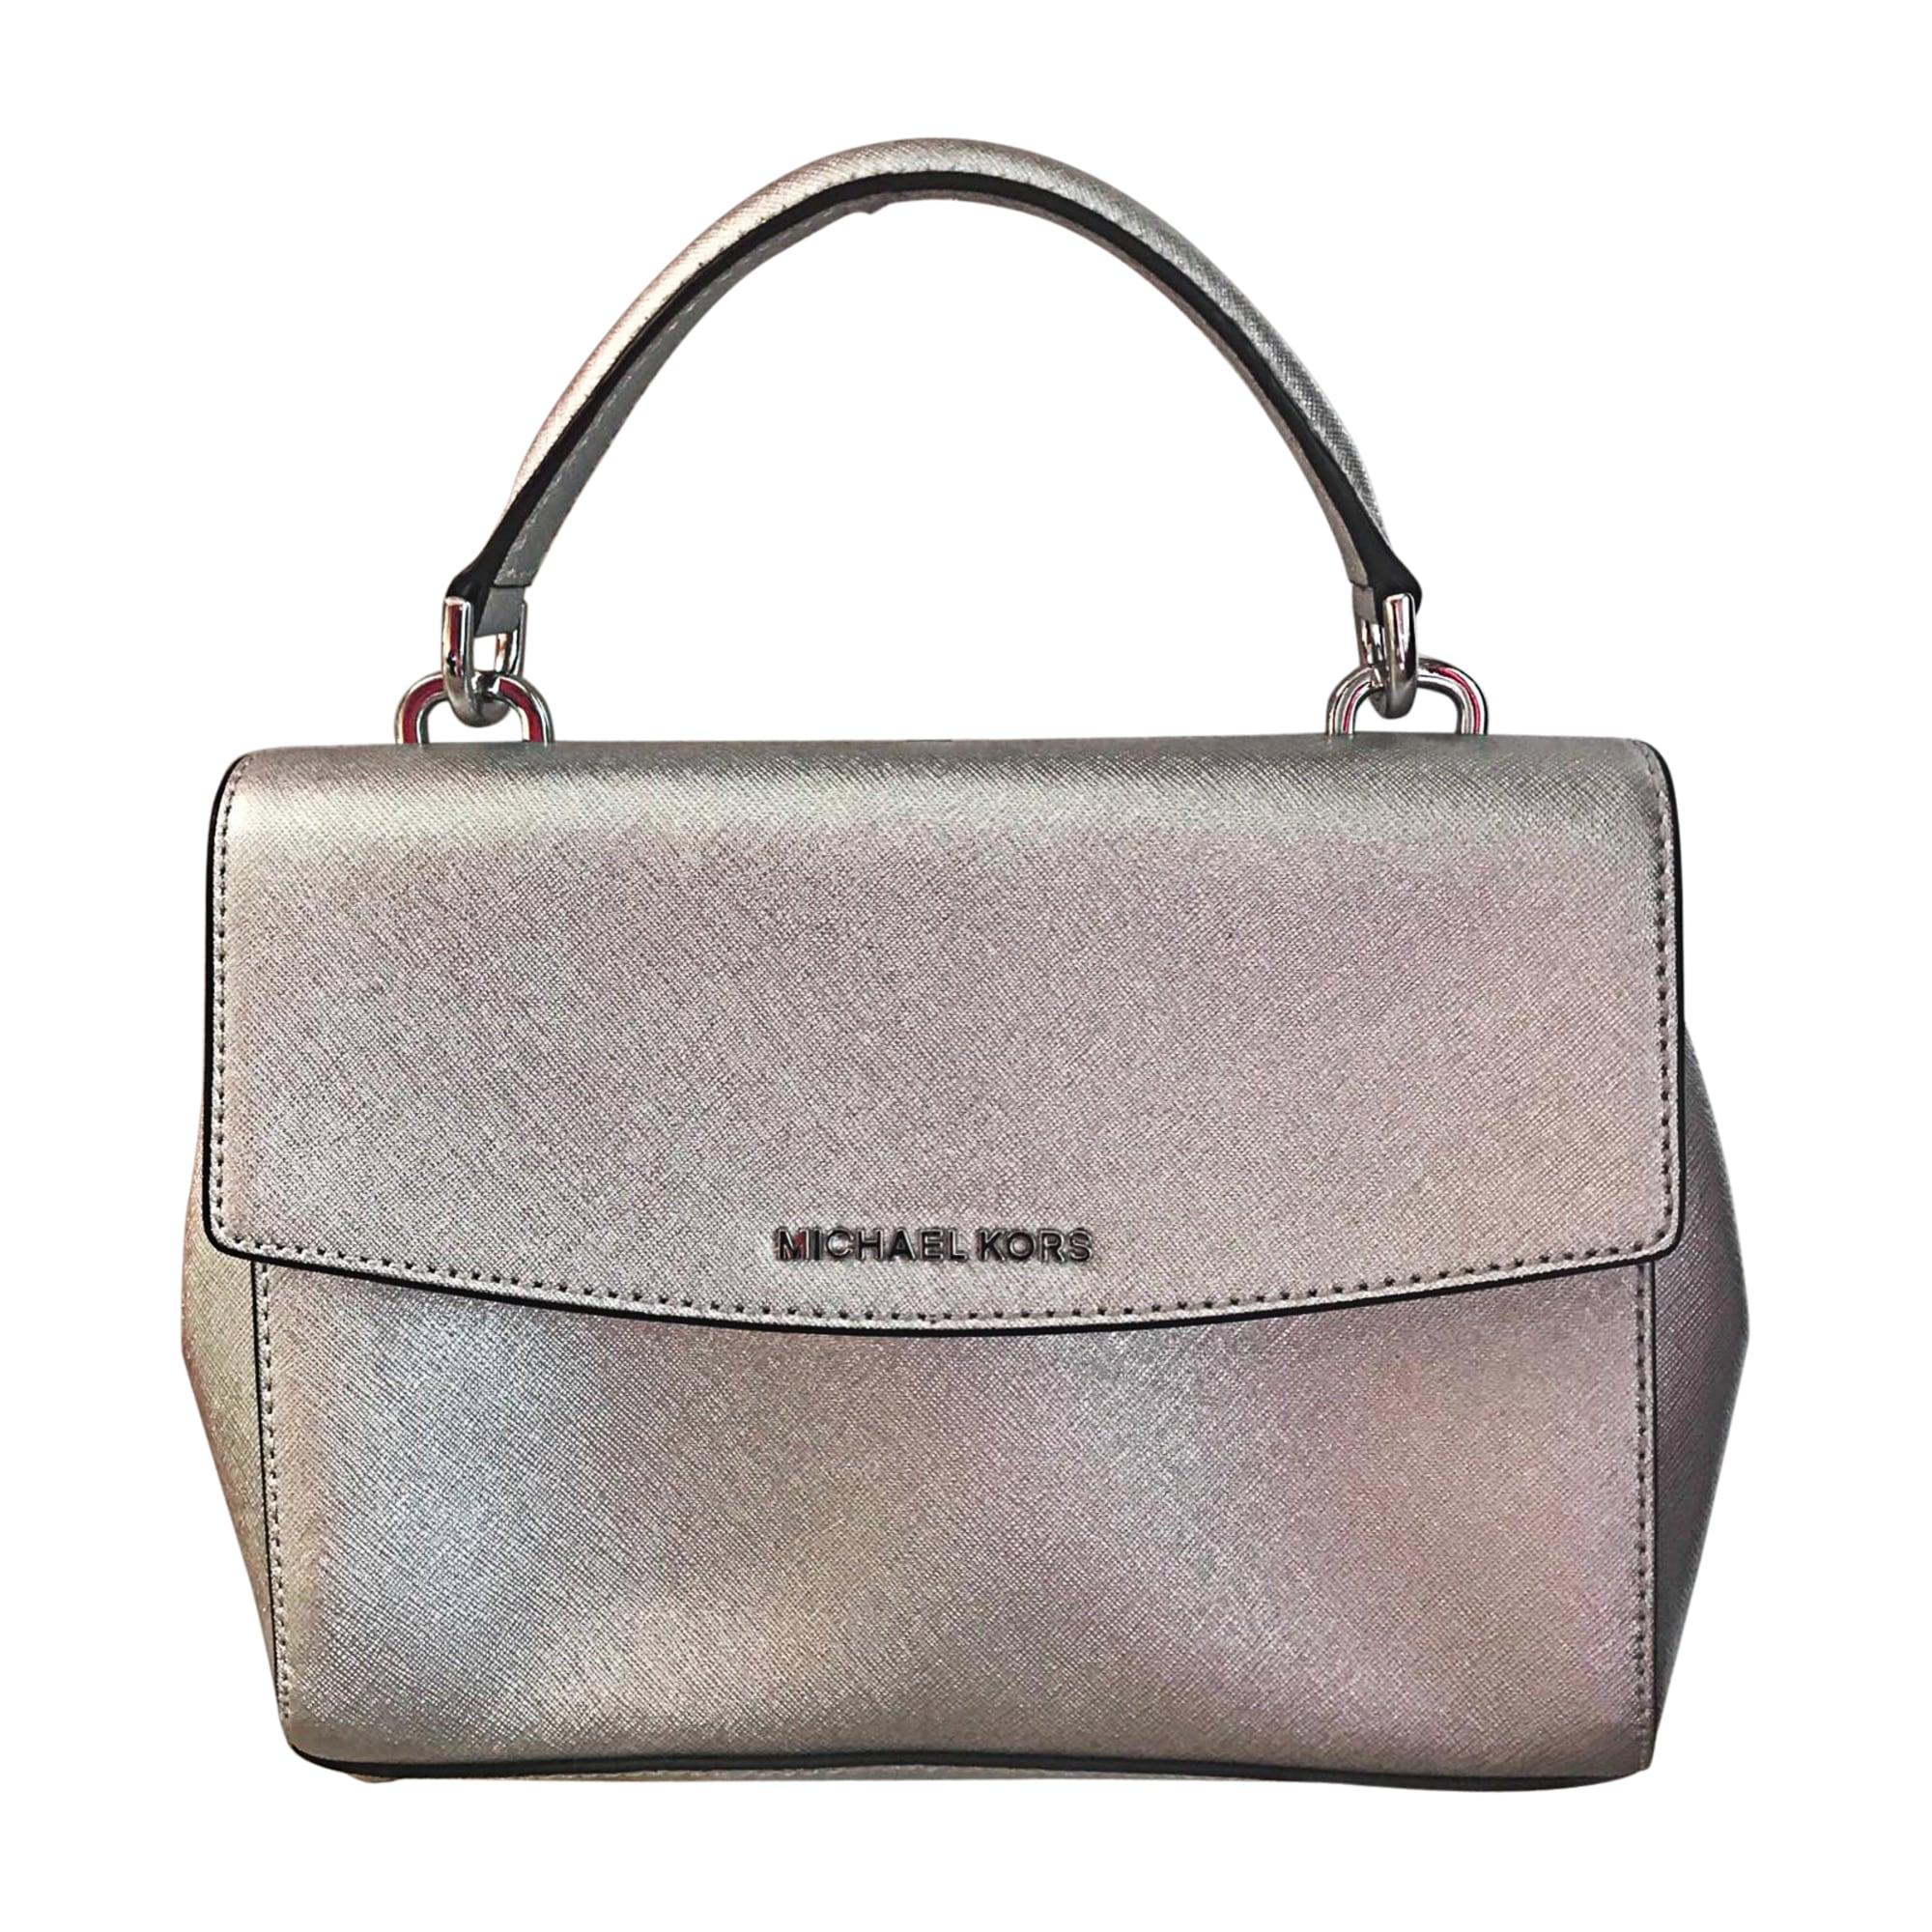 Leather Shoulder Bag MICHAEL KORS Silver